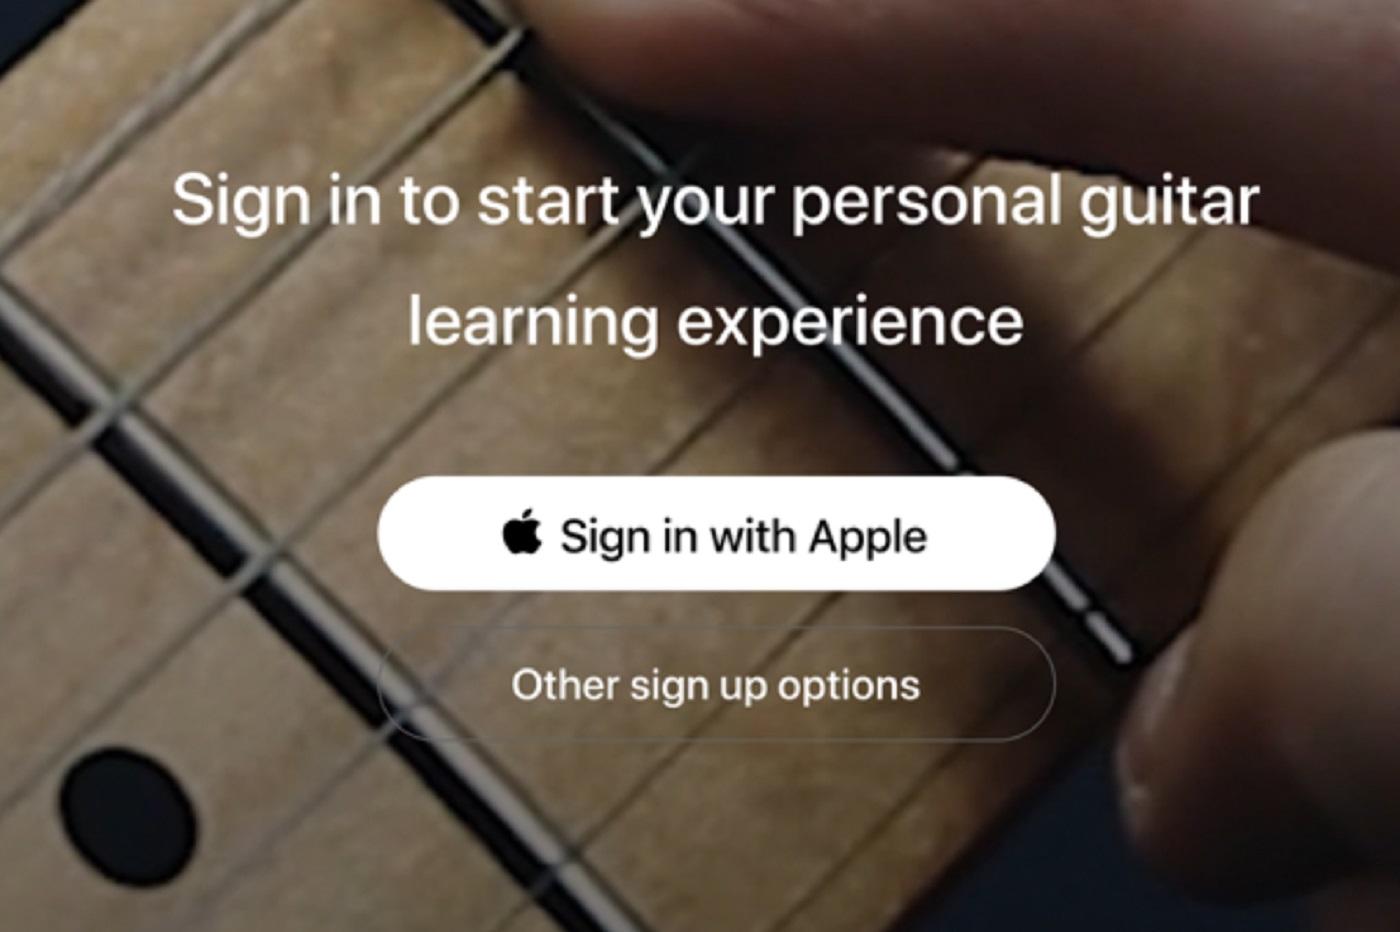 Le login d'Apple